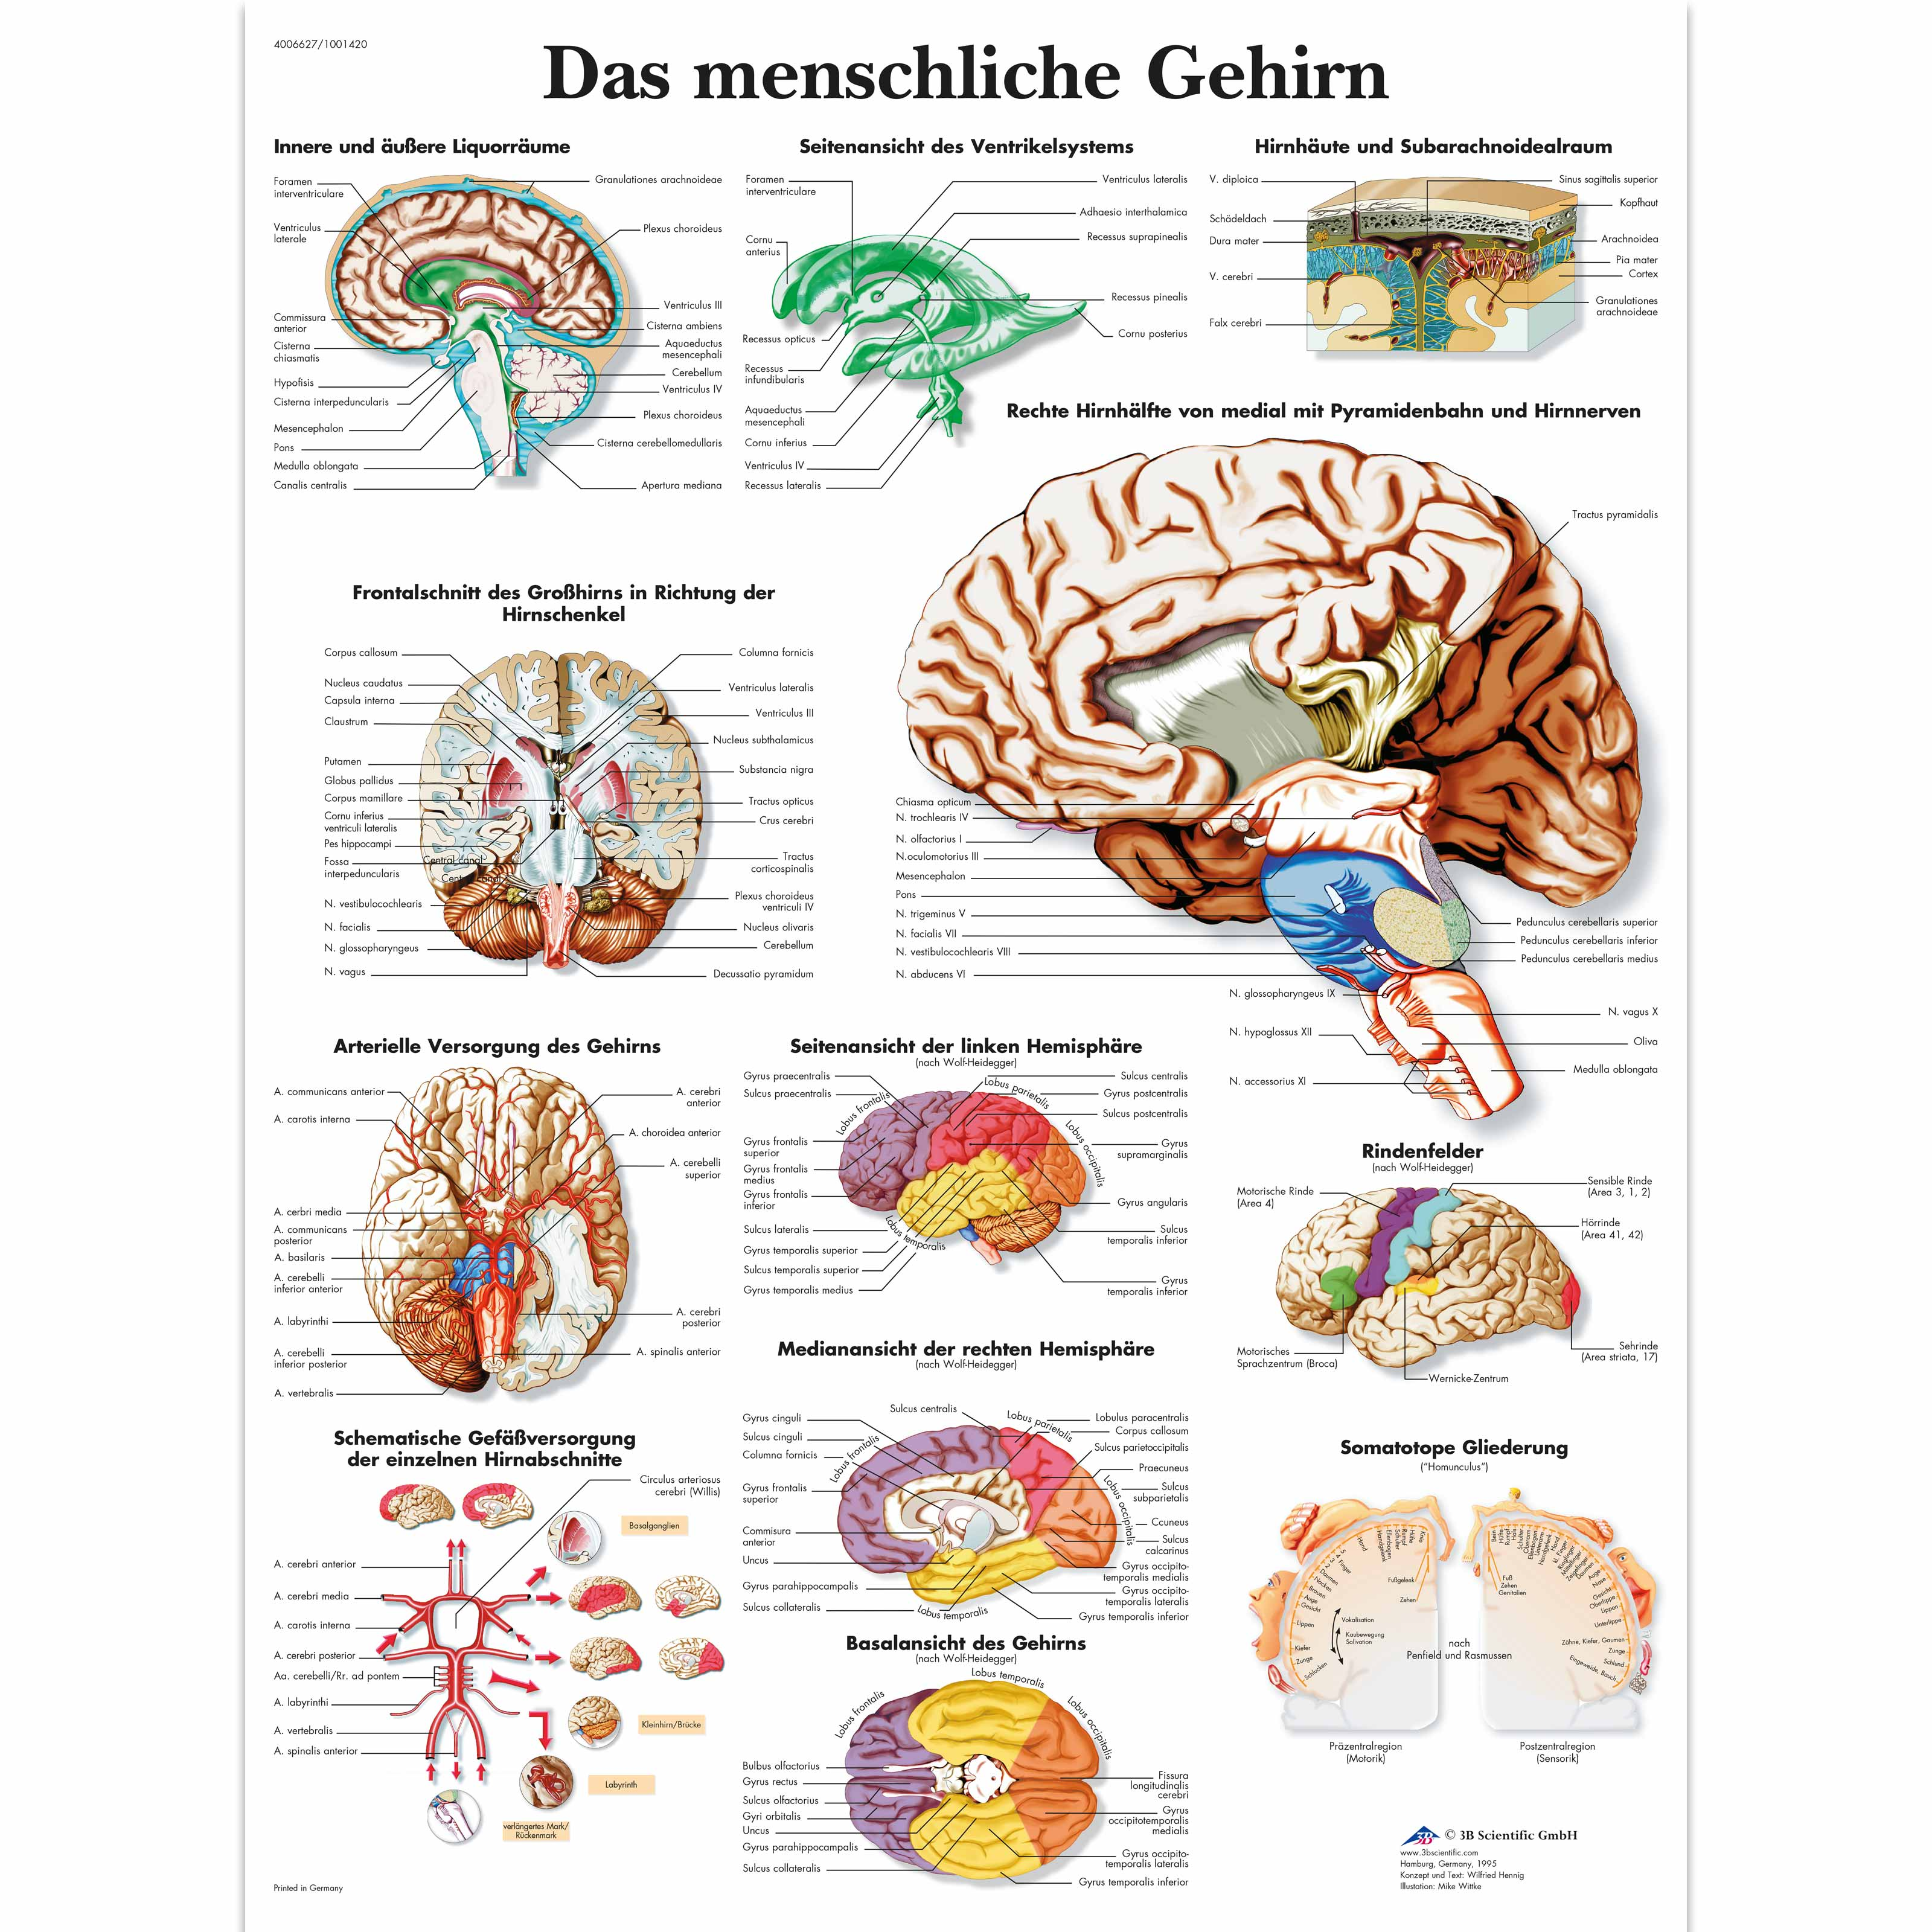 Das menschliche Gehirn - 4006627 - VR0615UU - Brain and Nervous ...